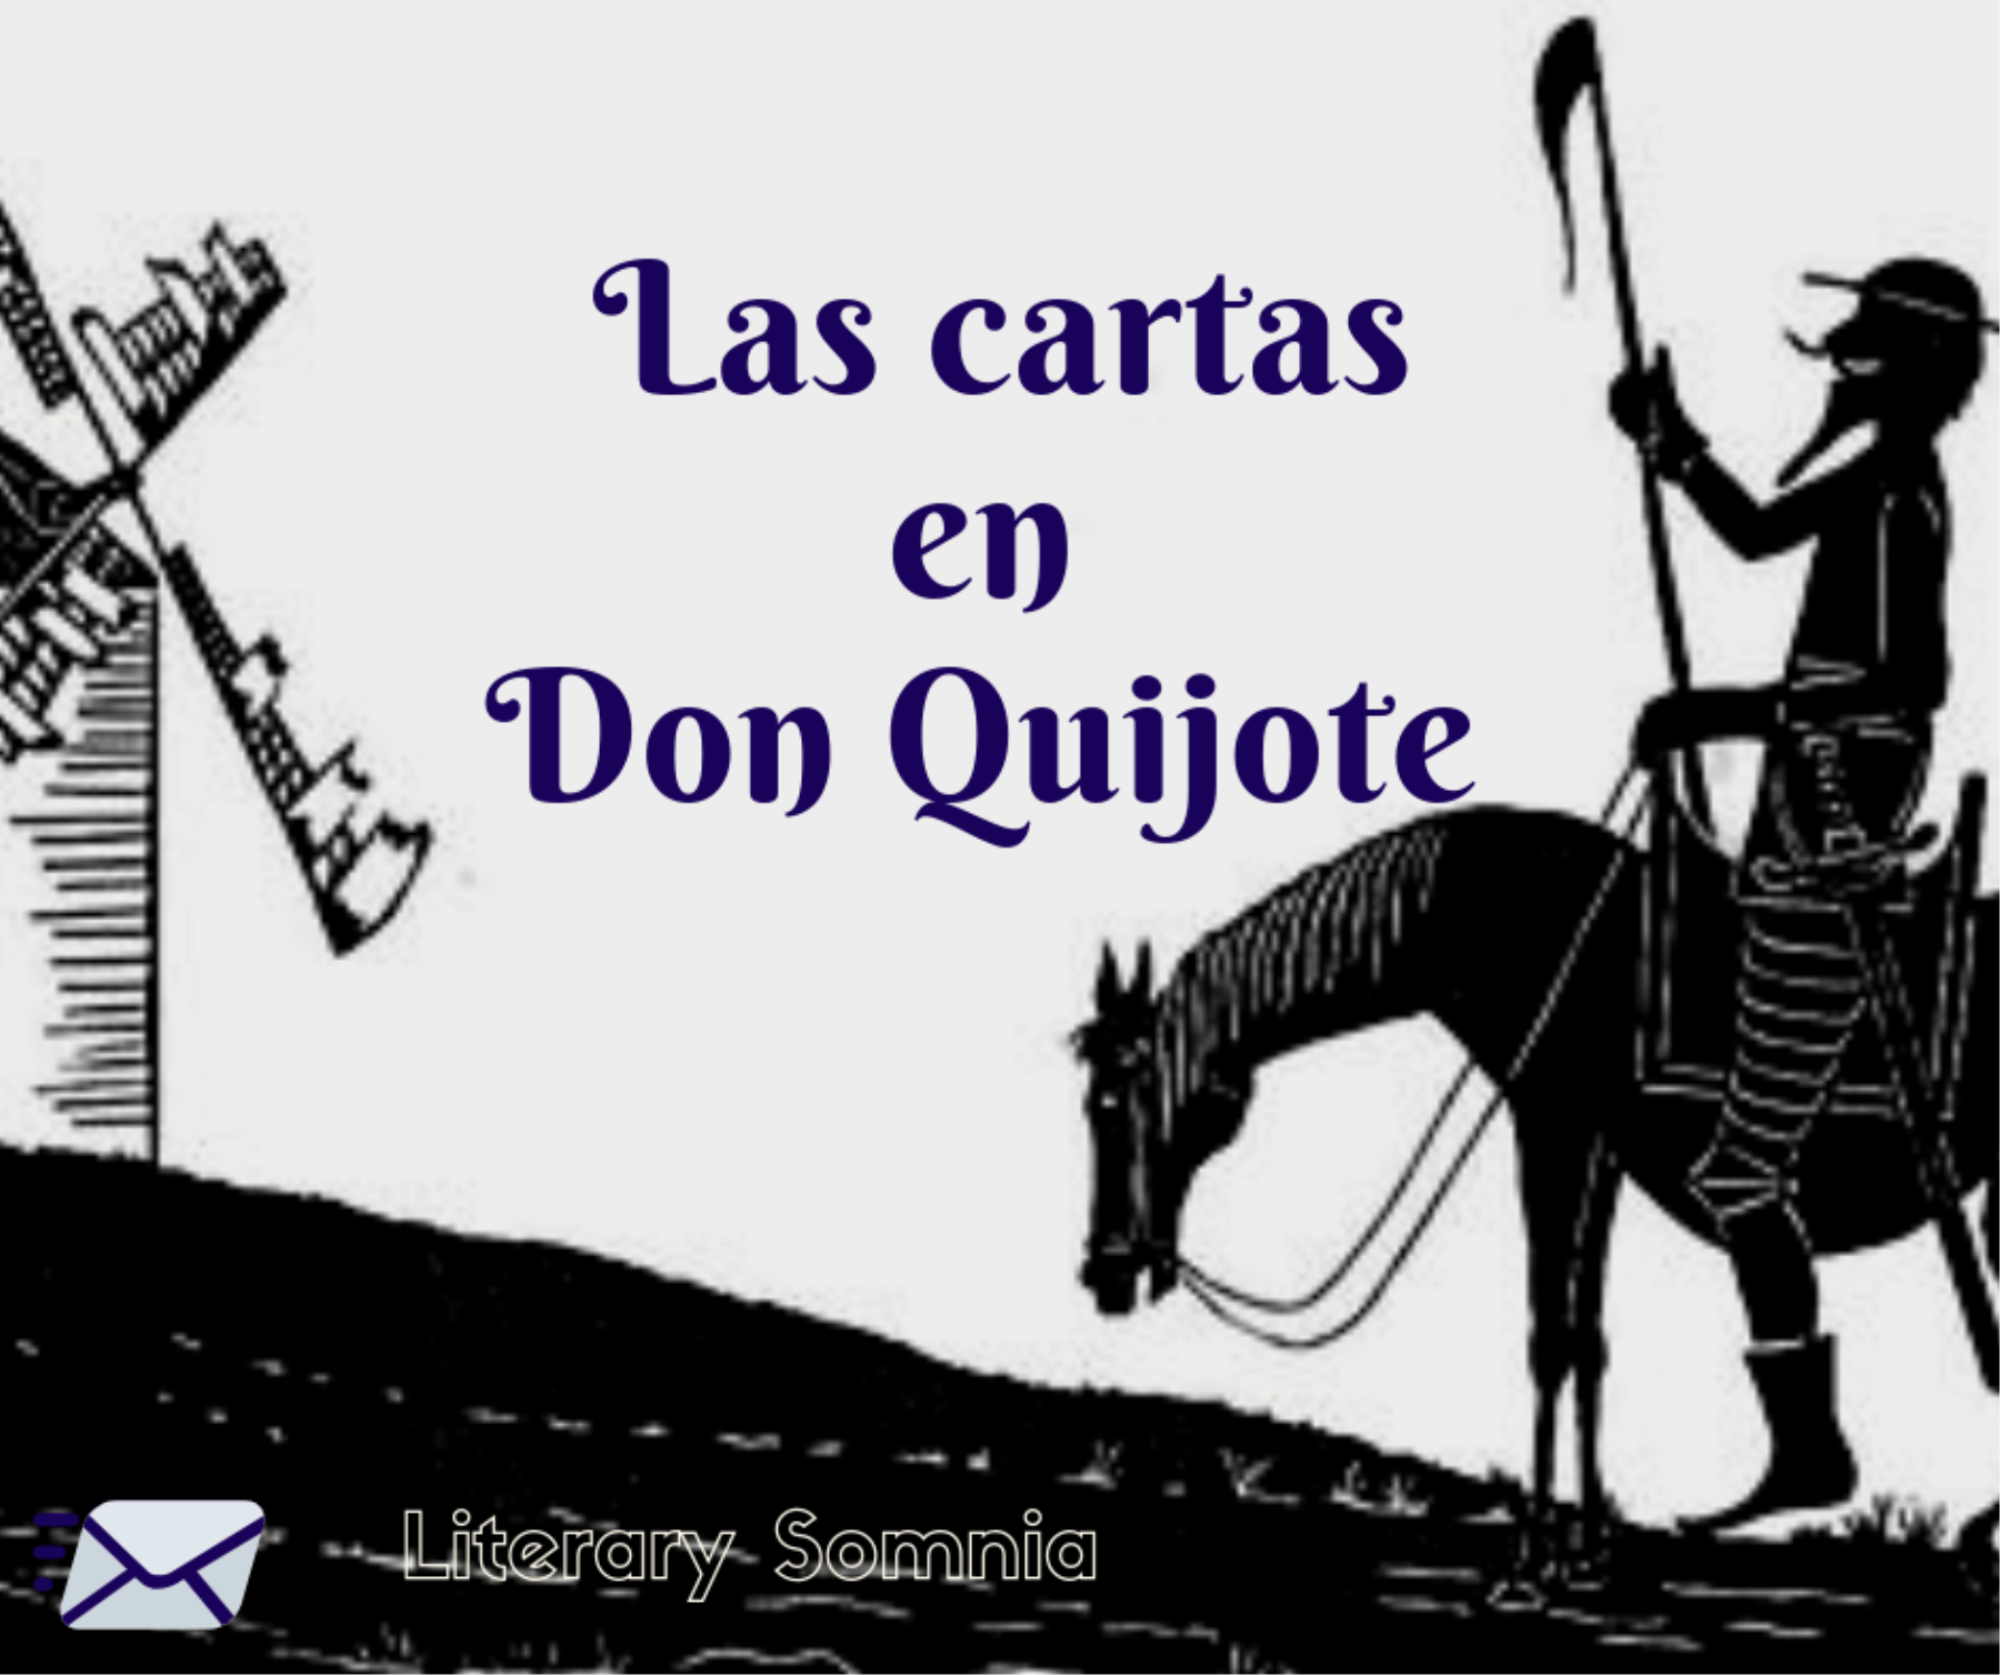 Las cartas en Don Quijote